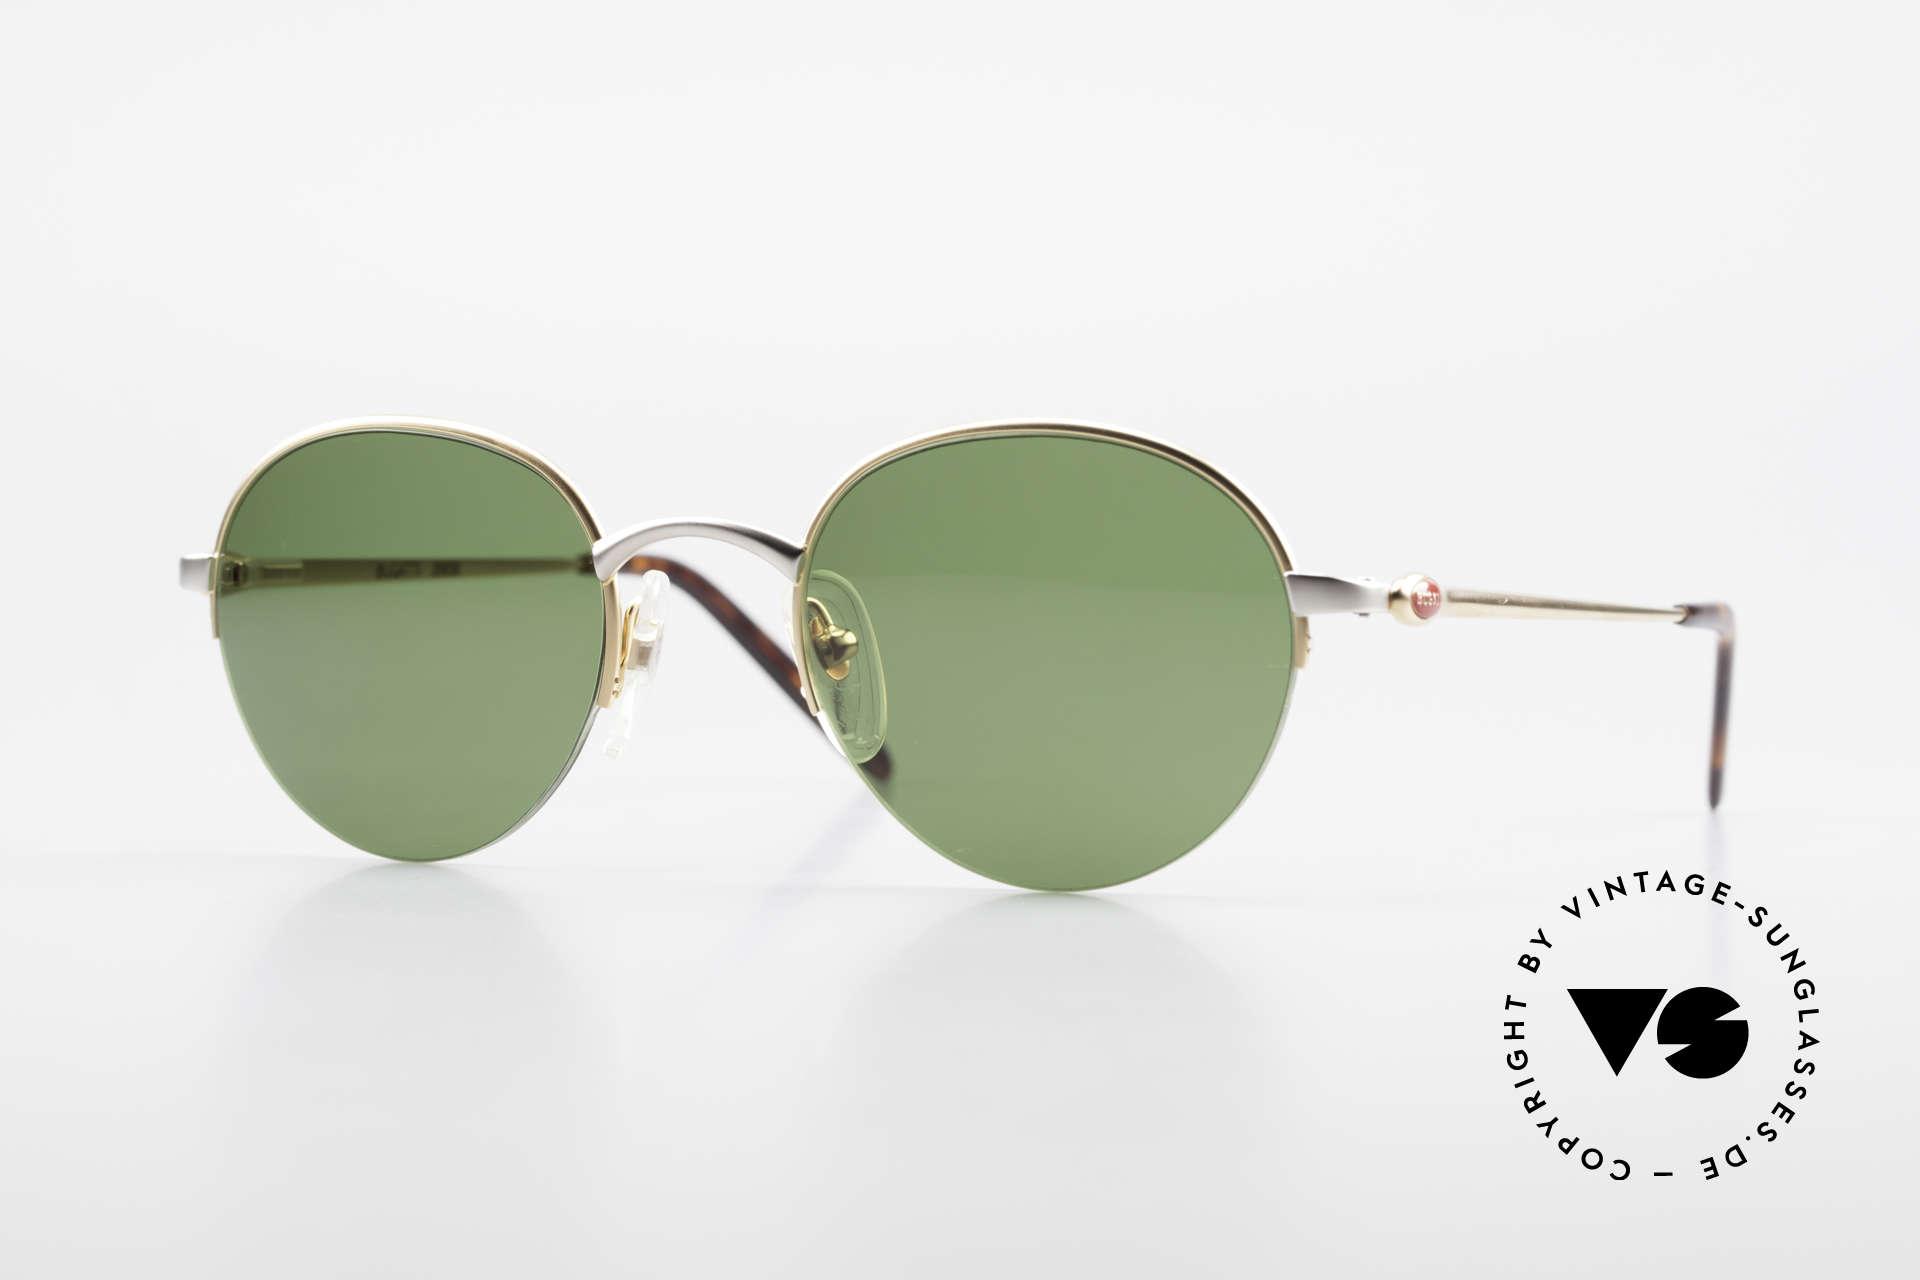 Bugatti 26658 Rare Panto Designer Shades, ultra rare Panto designer sunglasses in size 49/21, Made for Men